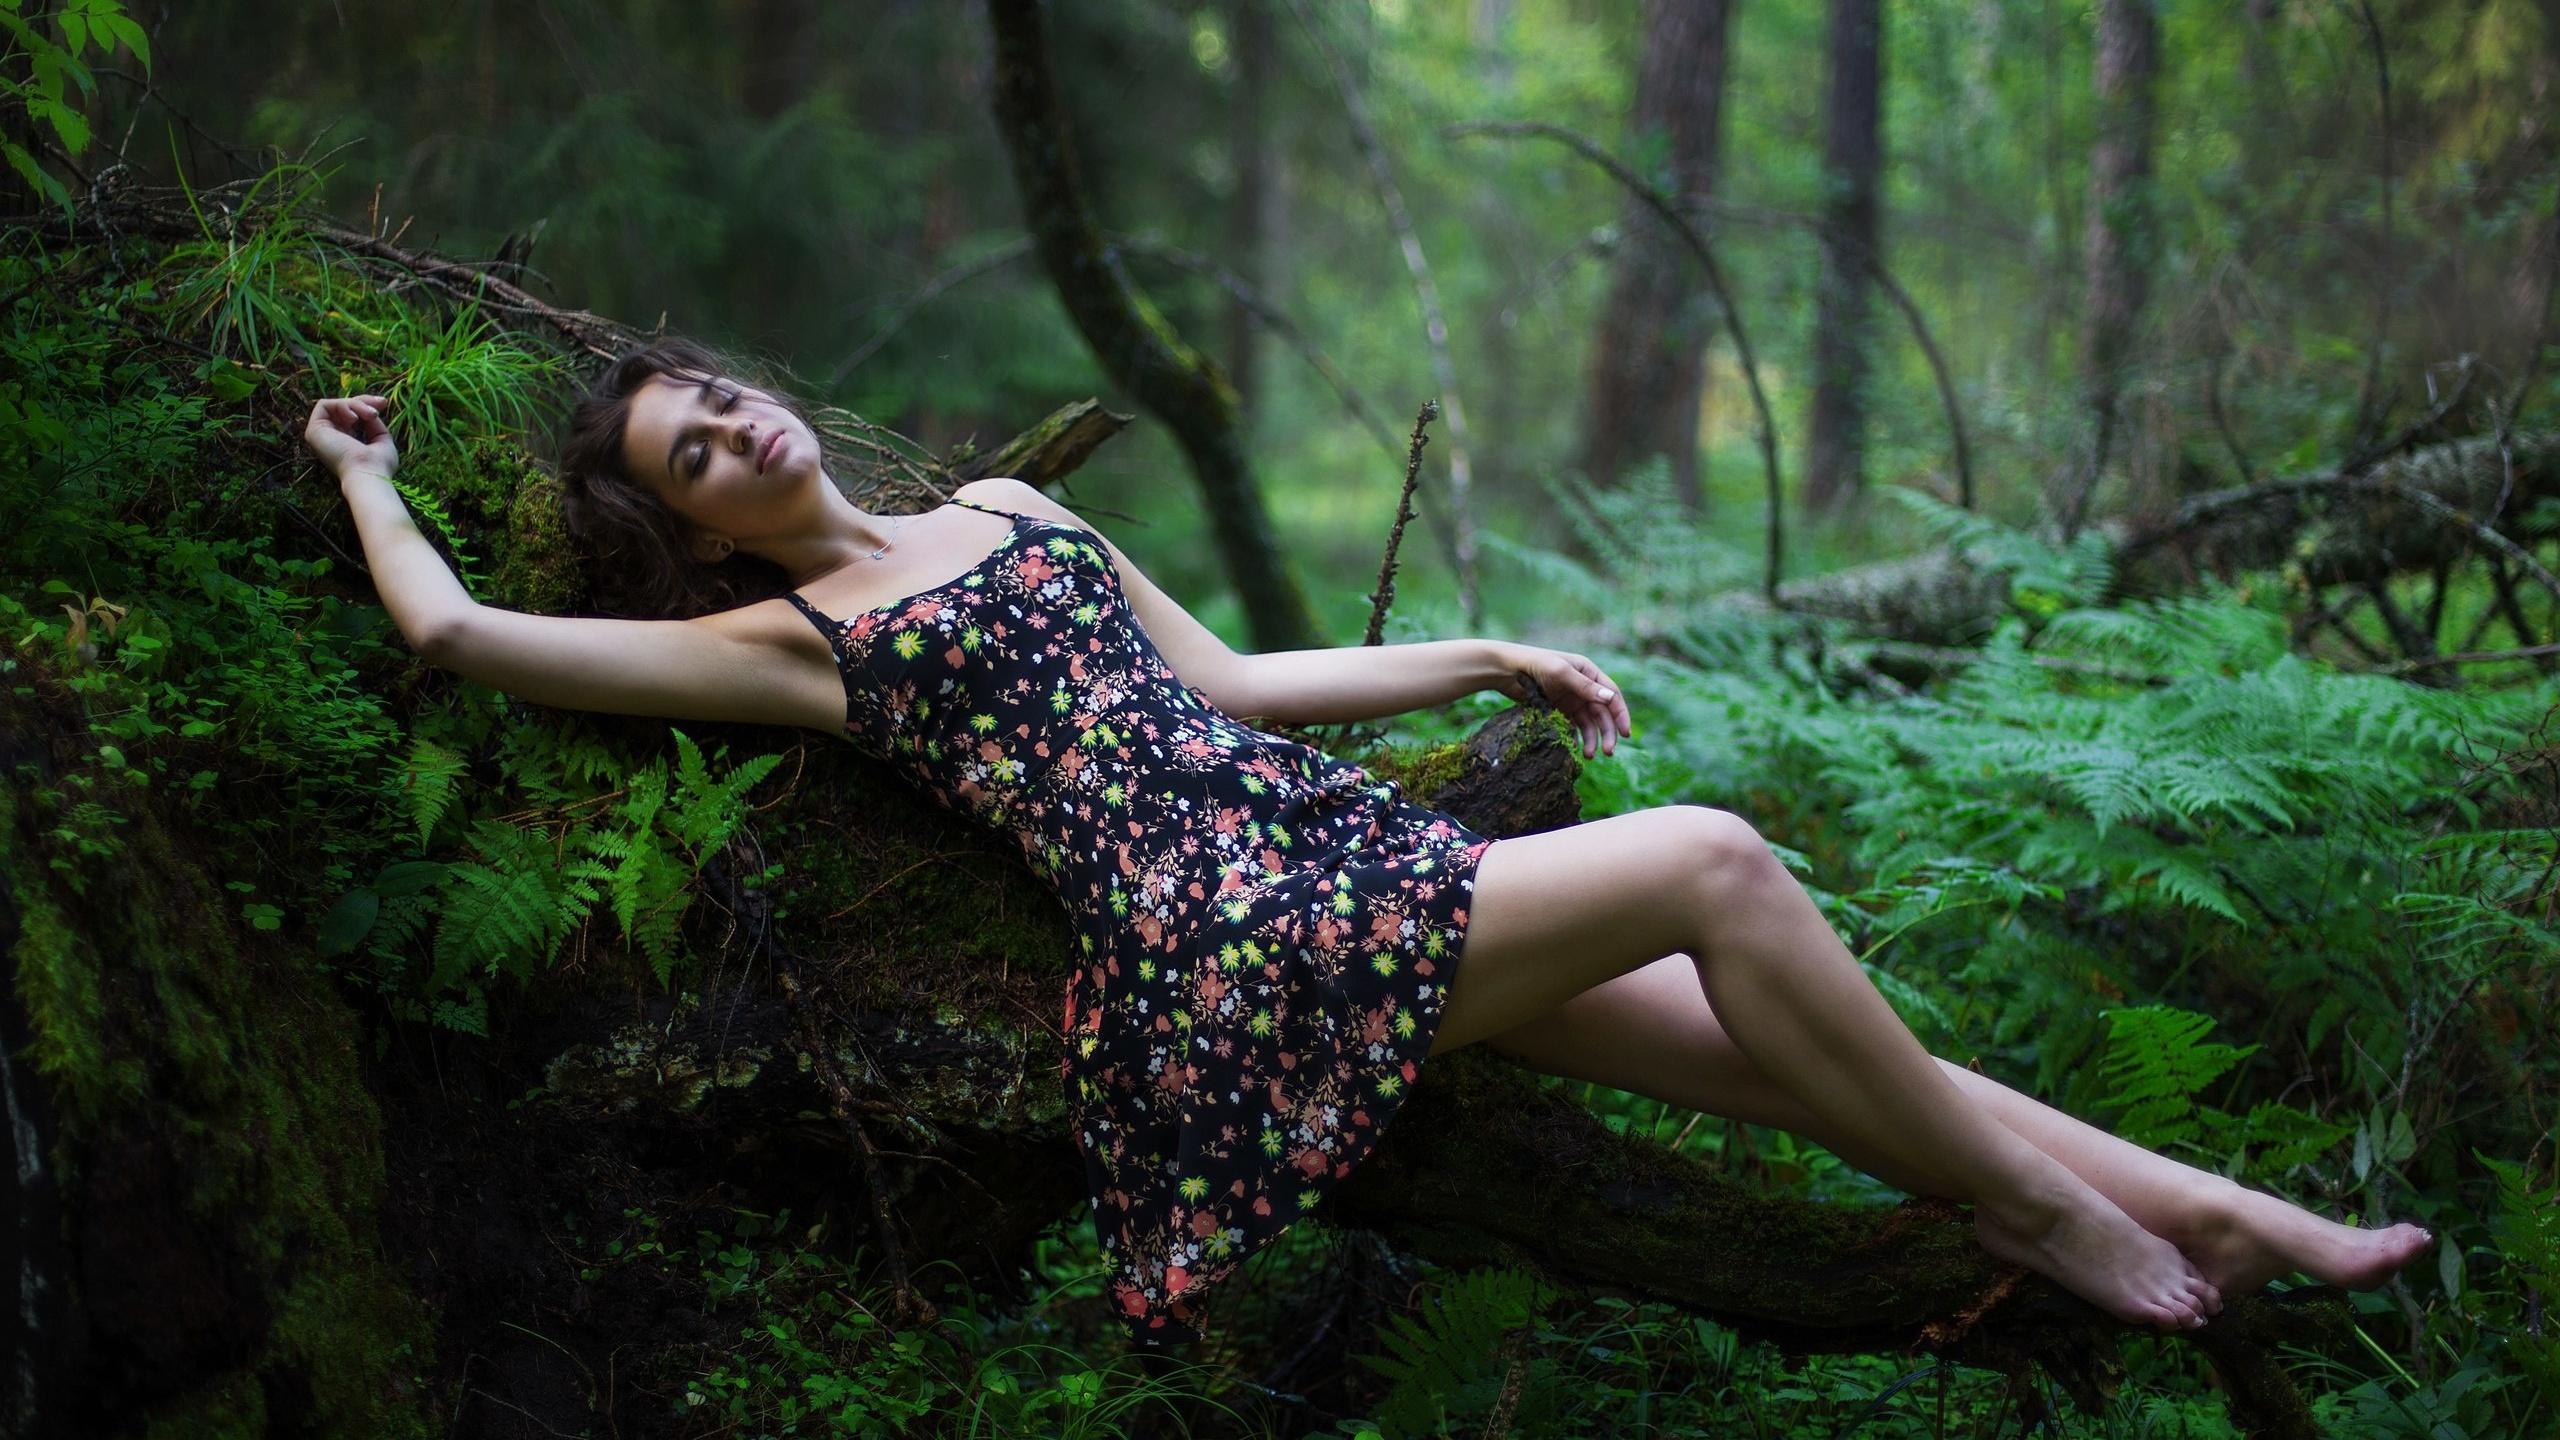 женские позы для фотосессии в лесу летом гребню холма